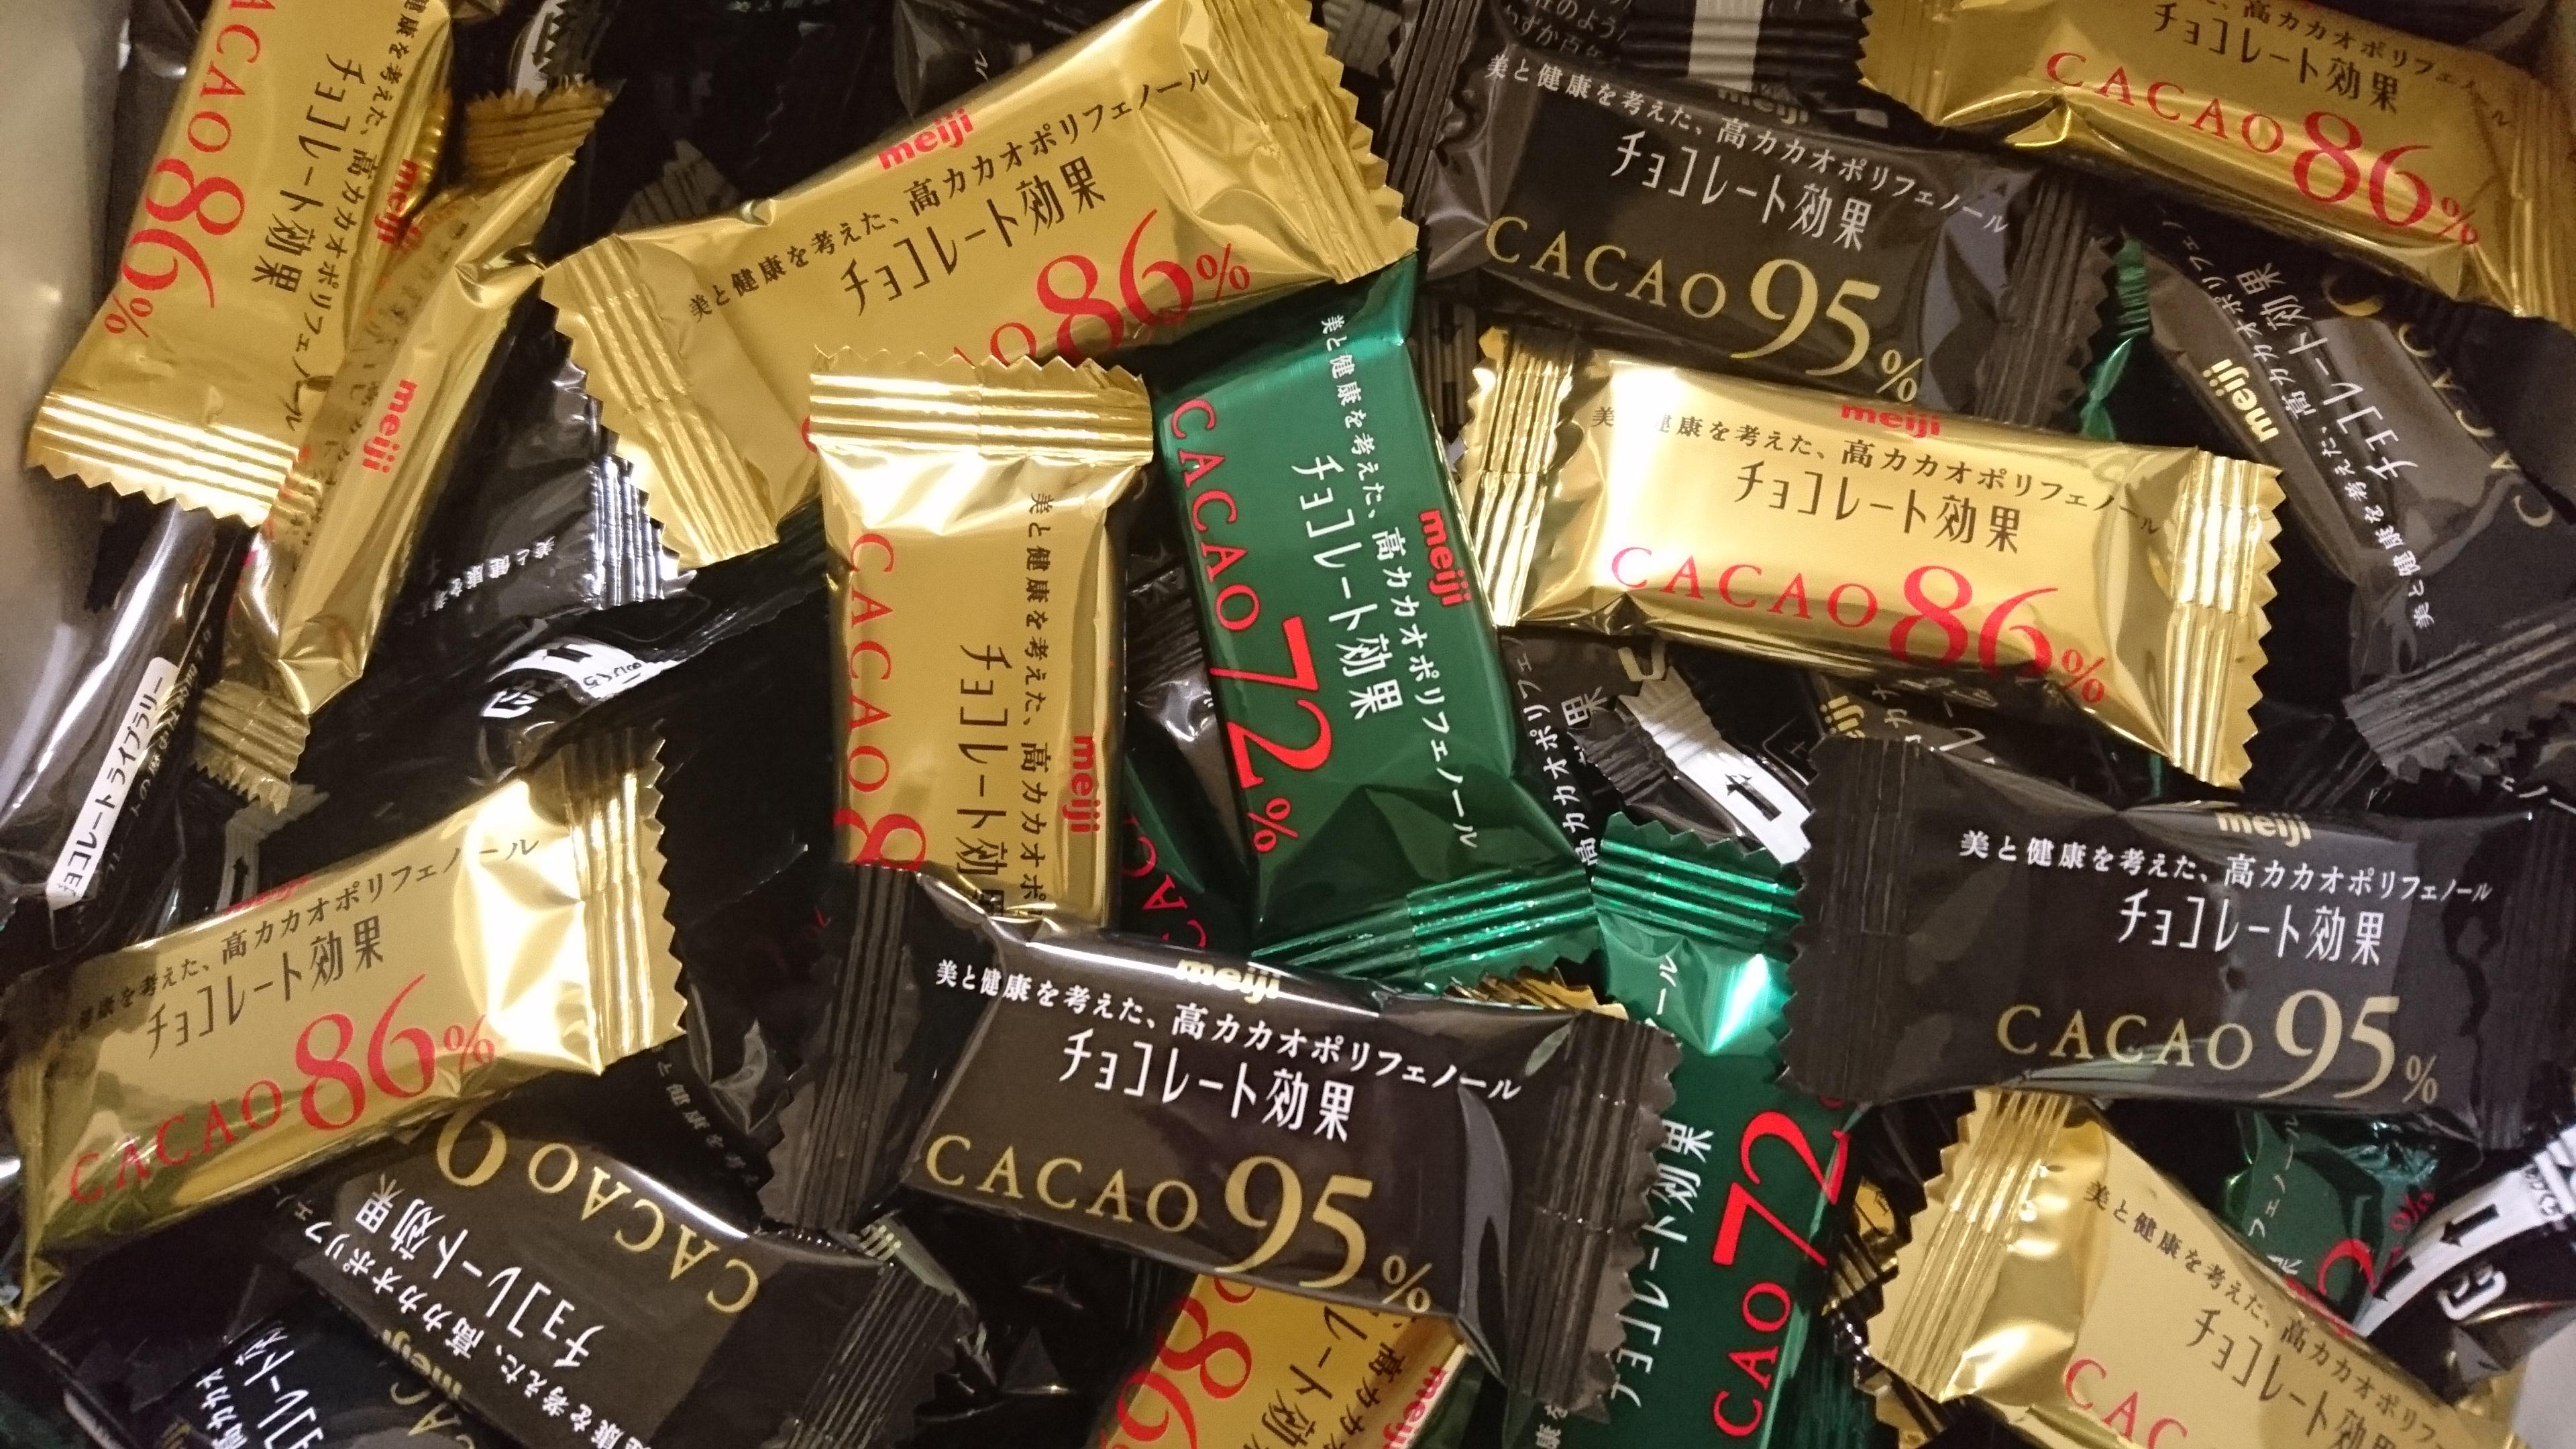 バレンタイン チョコレート ハイカカオ